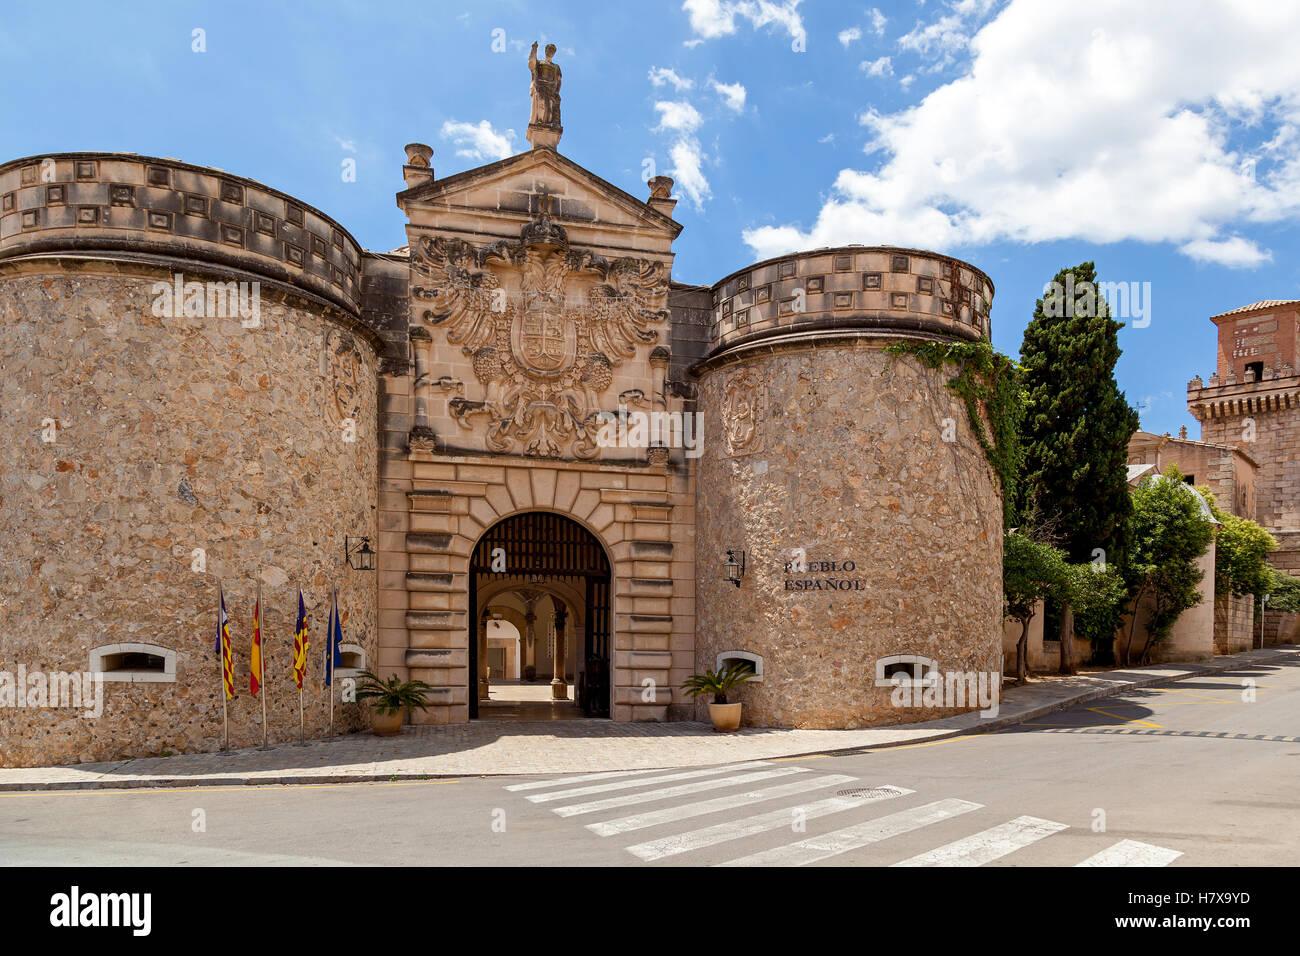 Pable Espanol villaggio spagnolo un museo a cielo aperto in Palma de Mallorca. Si trova nel quartiere di figlio Immagini Stock